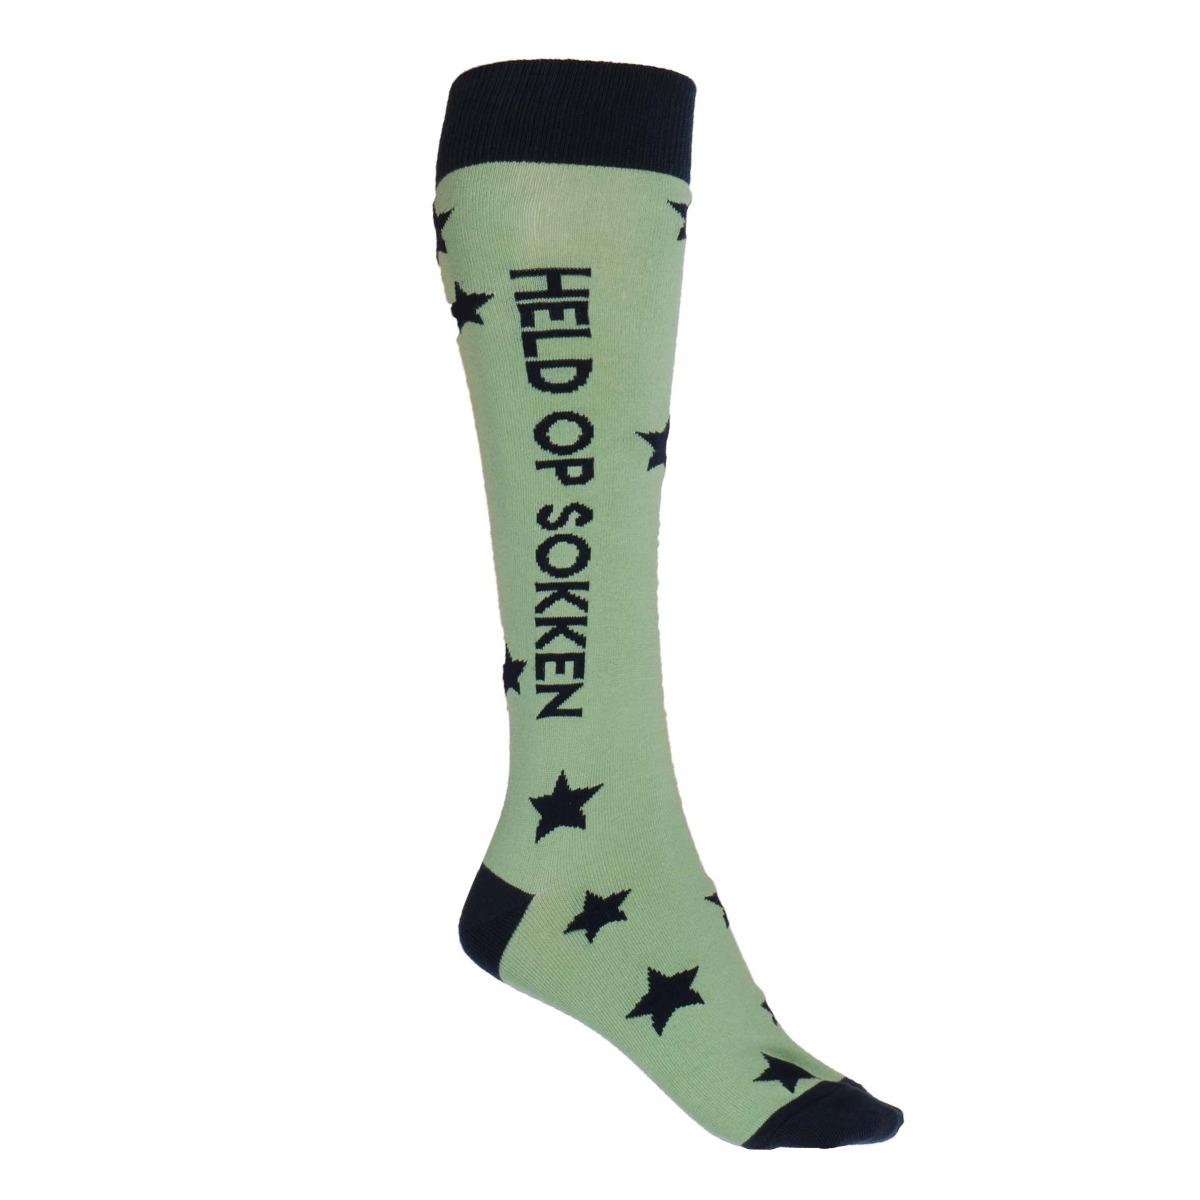 Mondoni Held op sokken kniekousen lichtgroen maat:39-42